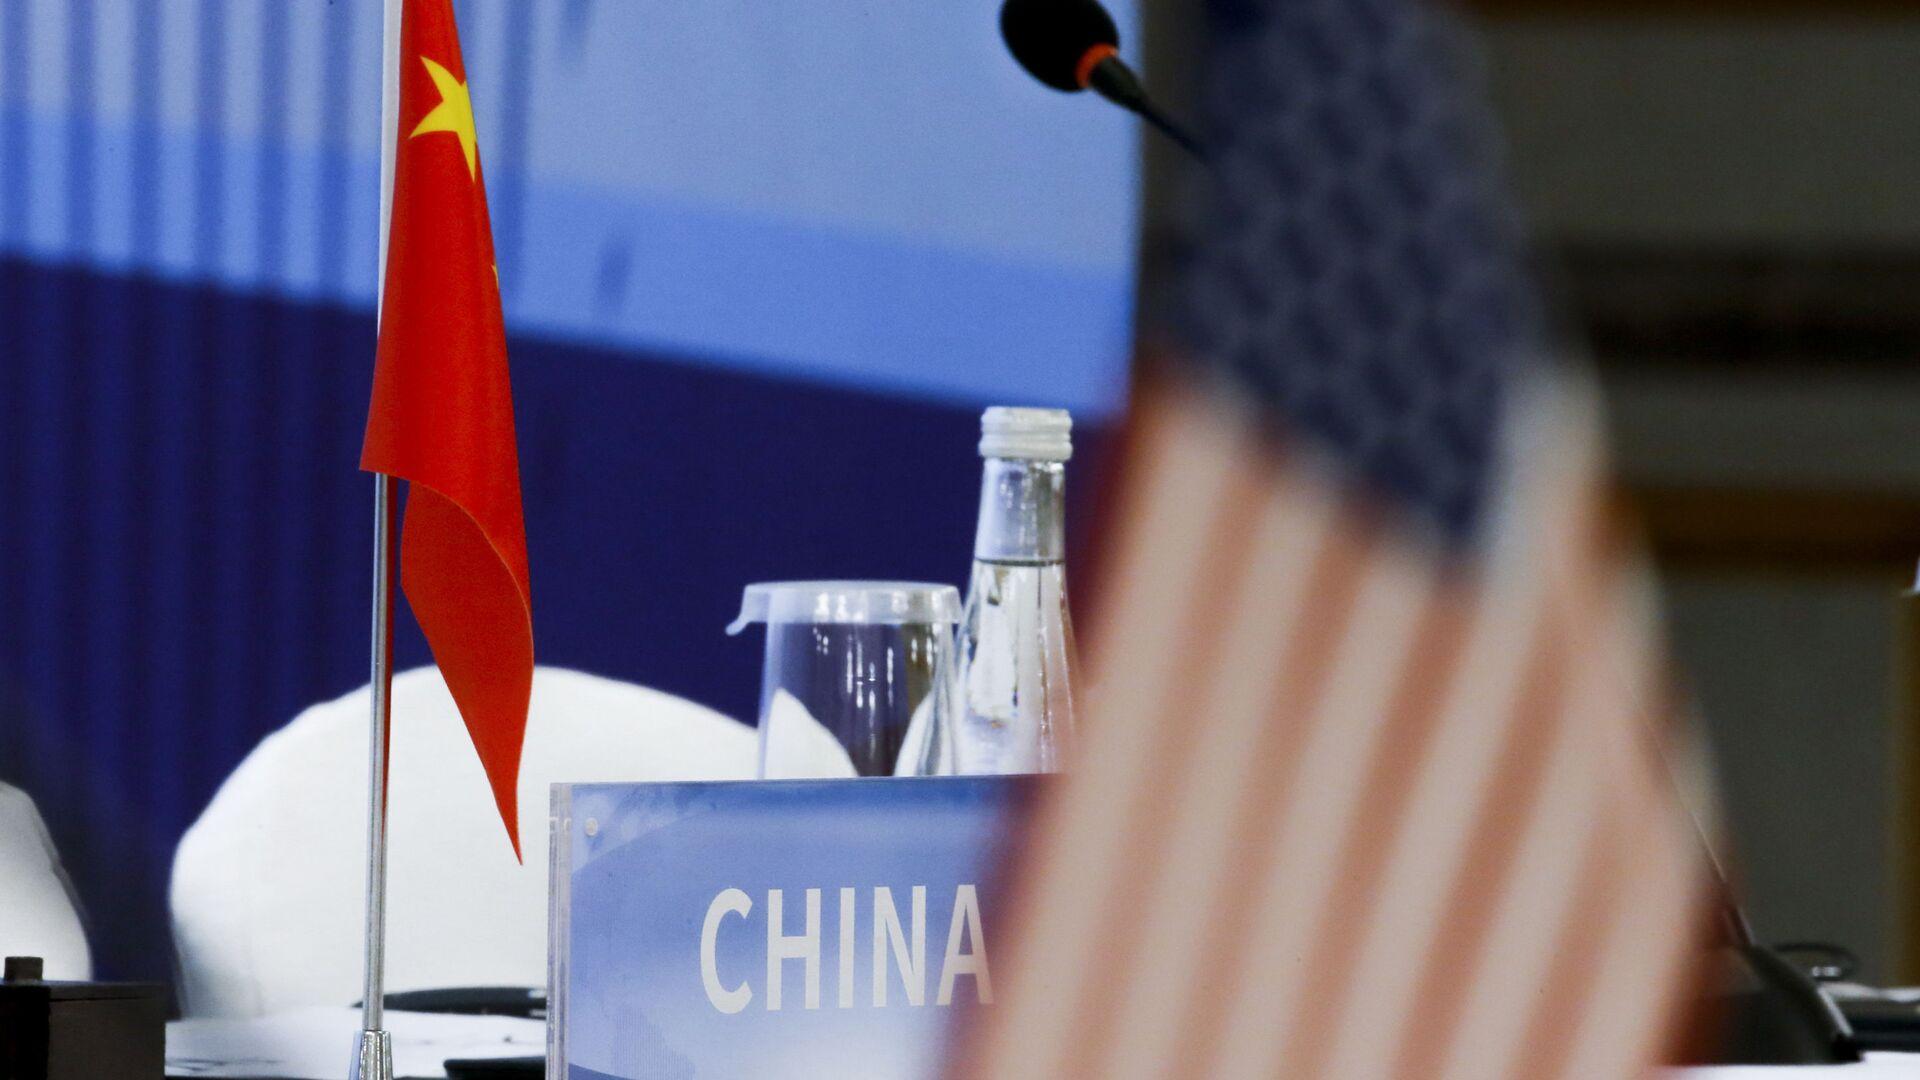 Banderas de China y EEUU - Sputnik Mundo, 1920, 31.03.2021